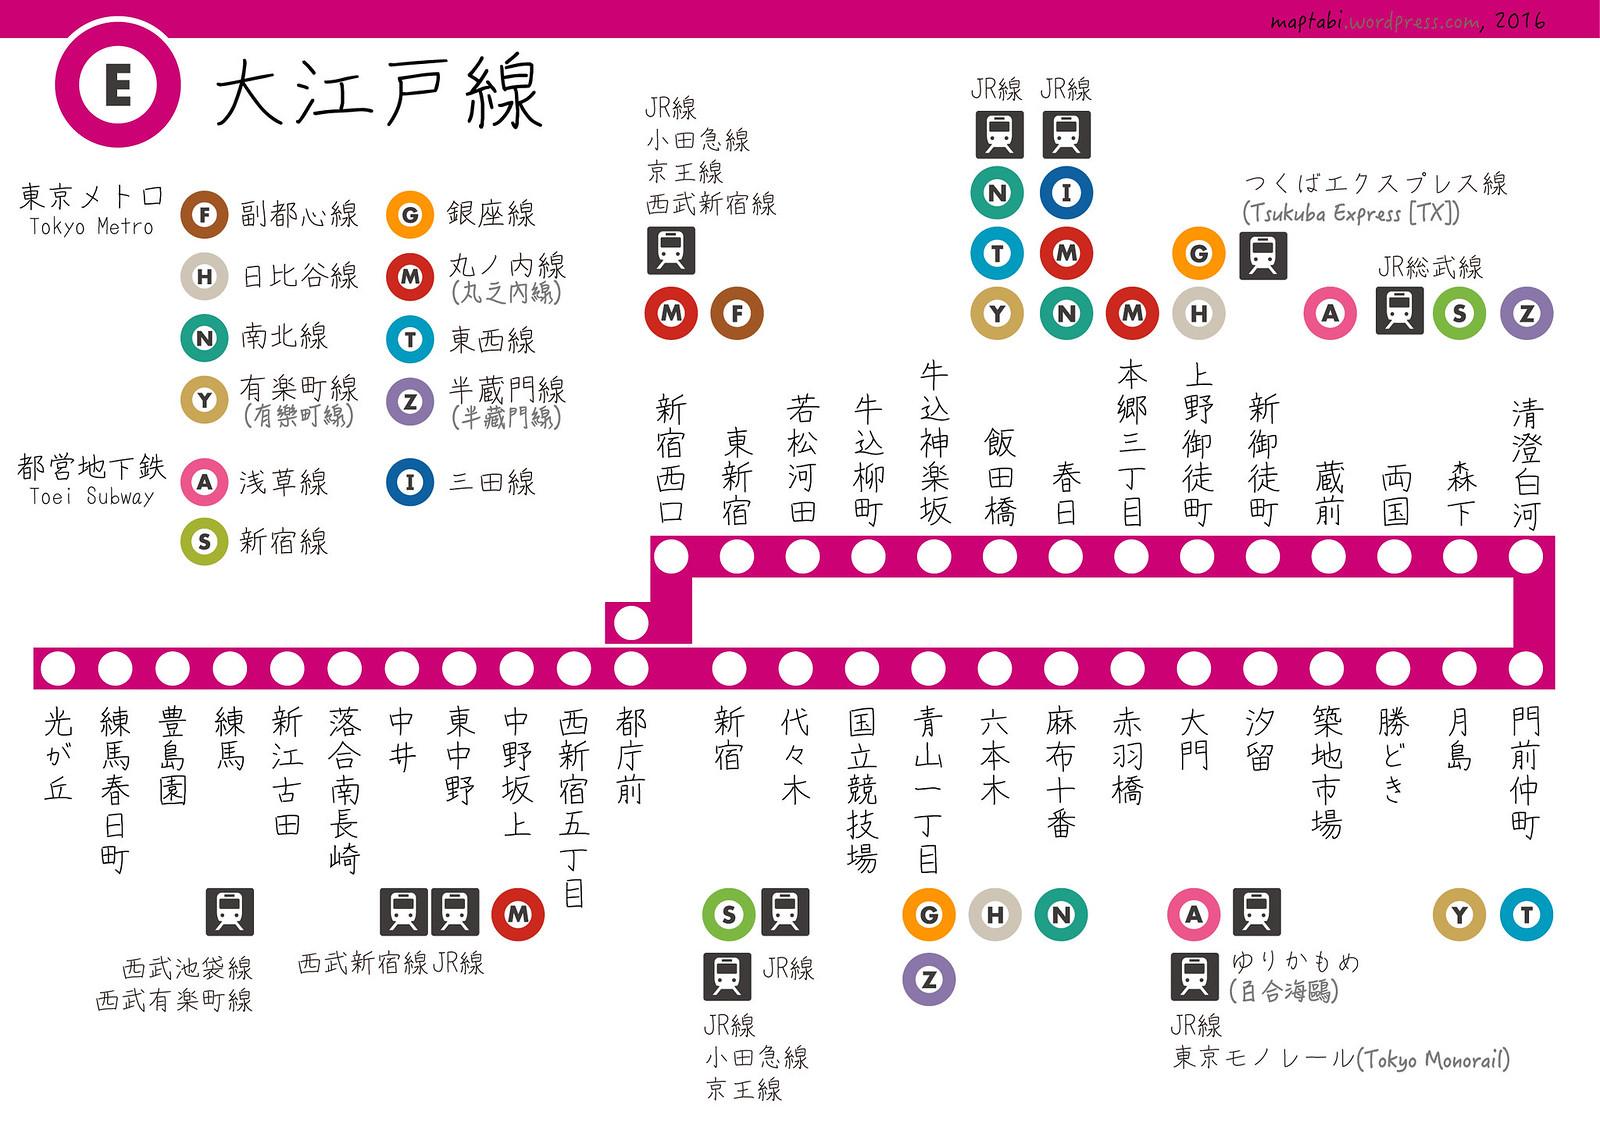 maptabi — 【東京交通】遊走大江戶:都營大江戶線+沿線景點